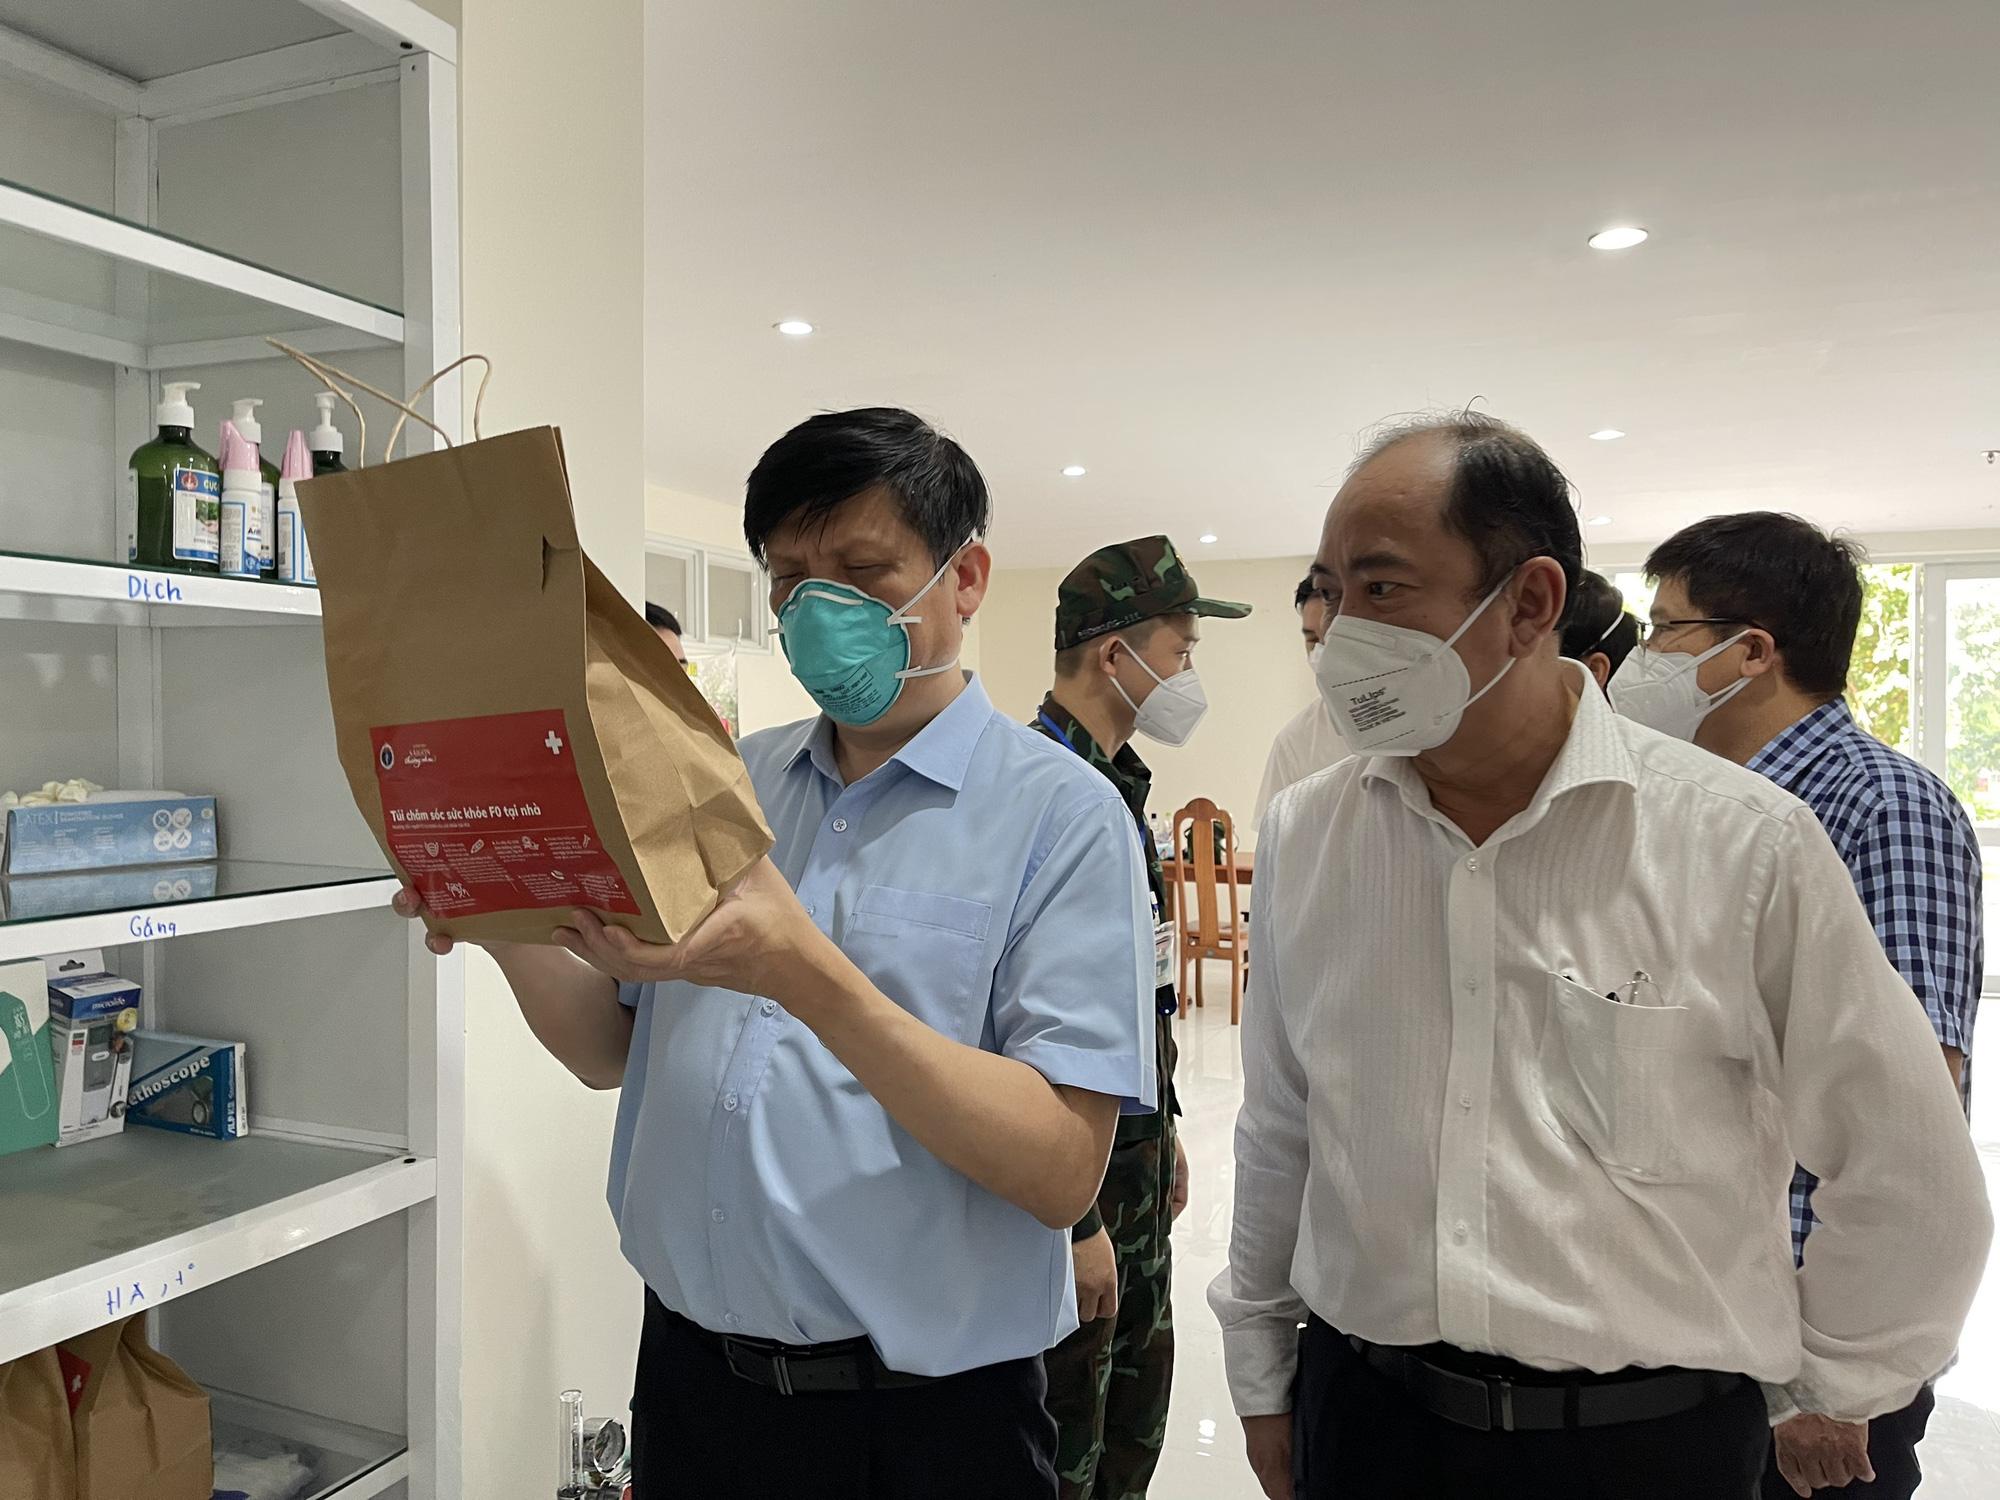 Bộ trưởng Nguyễn Thanh Long kiểm tra, giám sát phòng chống dịch COVID-19 tại cộng đồng ở TP Hồ Chí Minh - Ảnh 3.